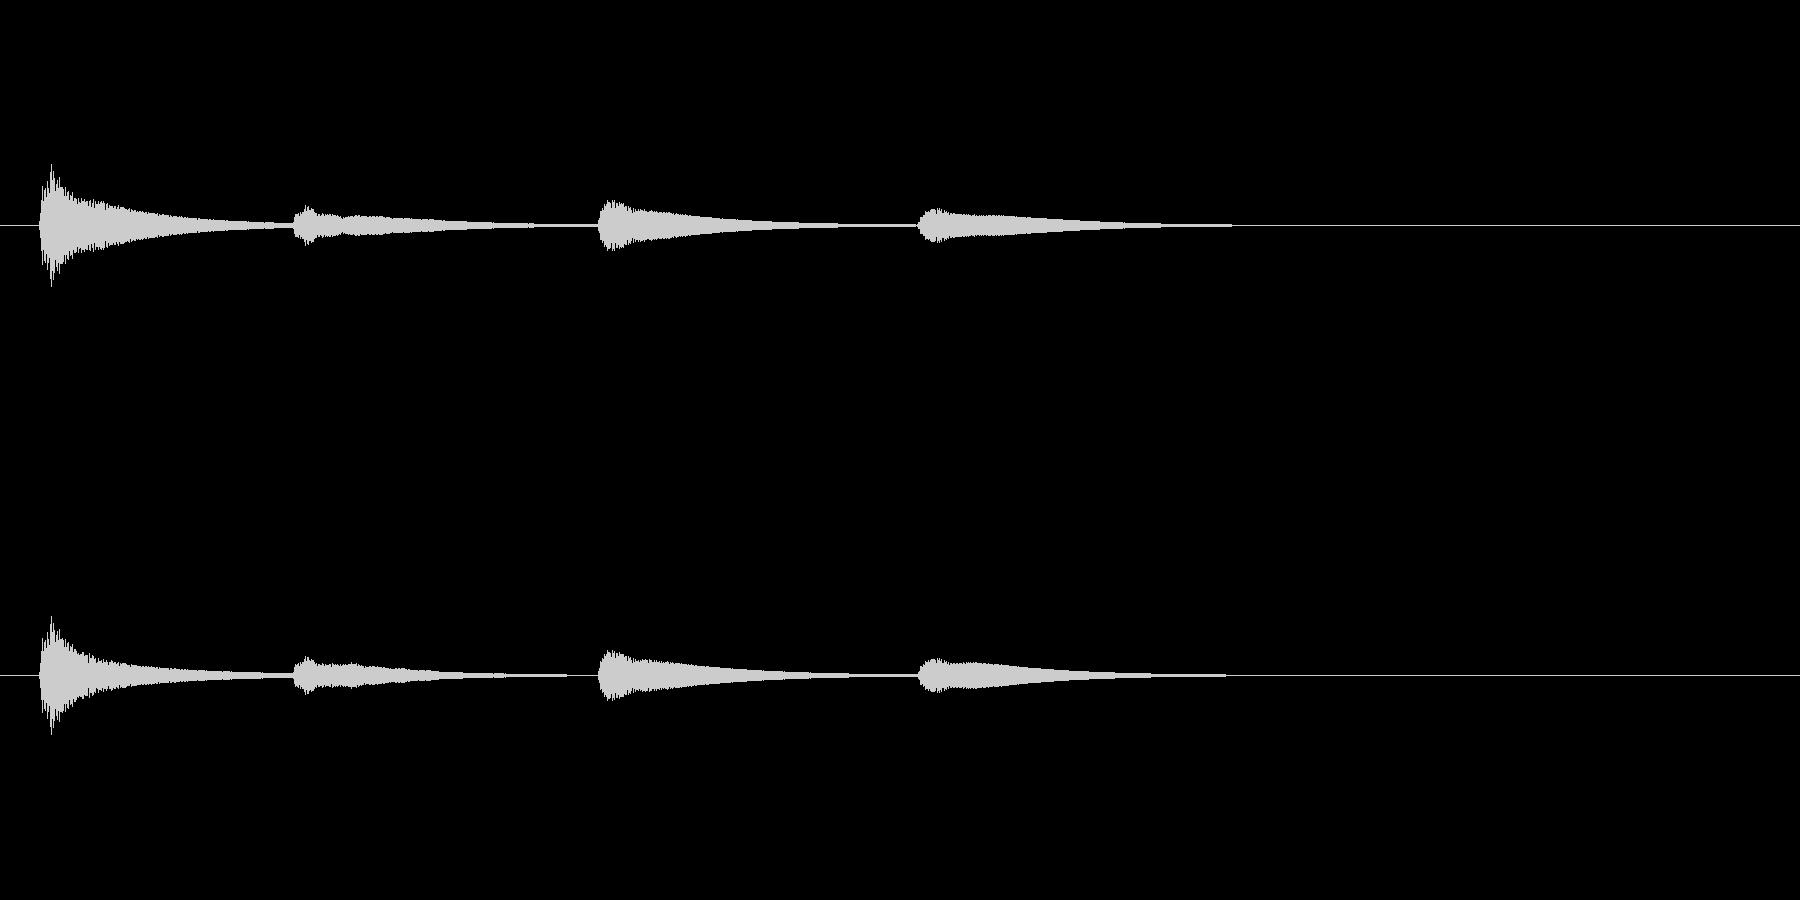 【SE 効果音】ティロティリロリン5の未再生の波形